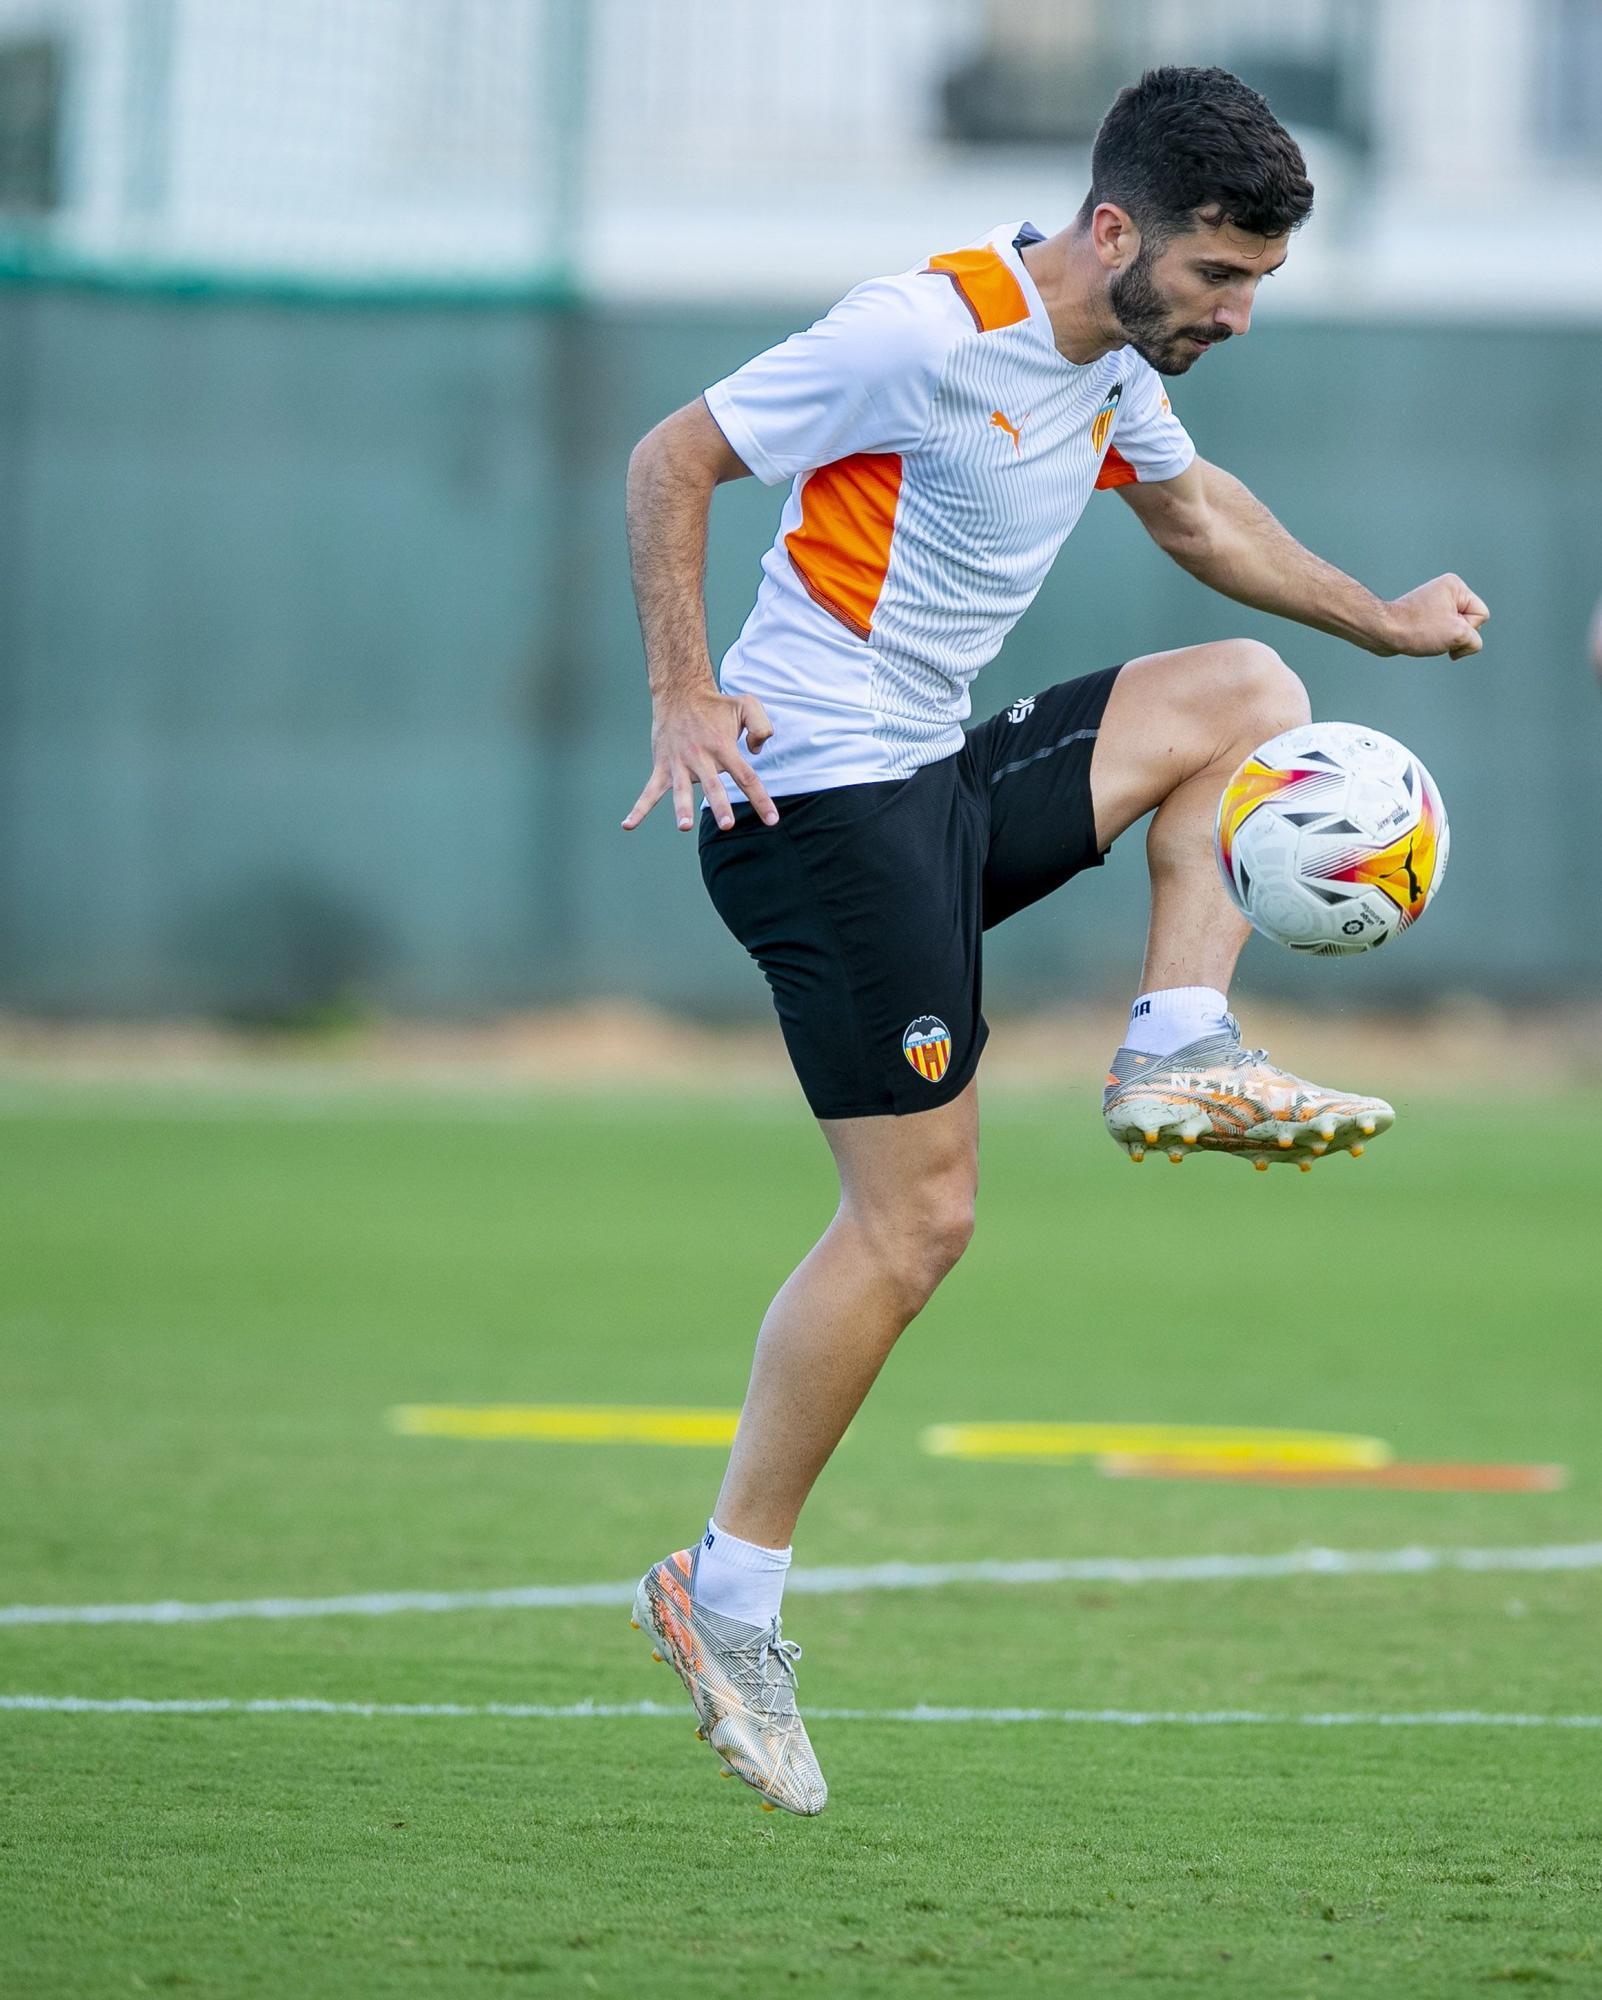 La semana de entrenamientos del Valencia CF en imágenes